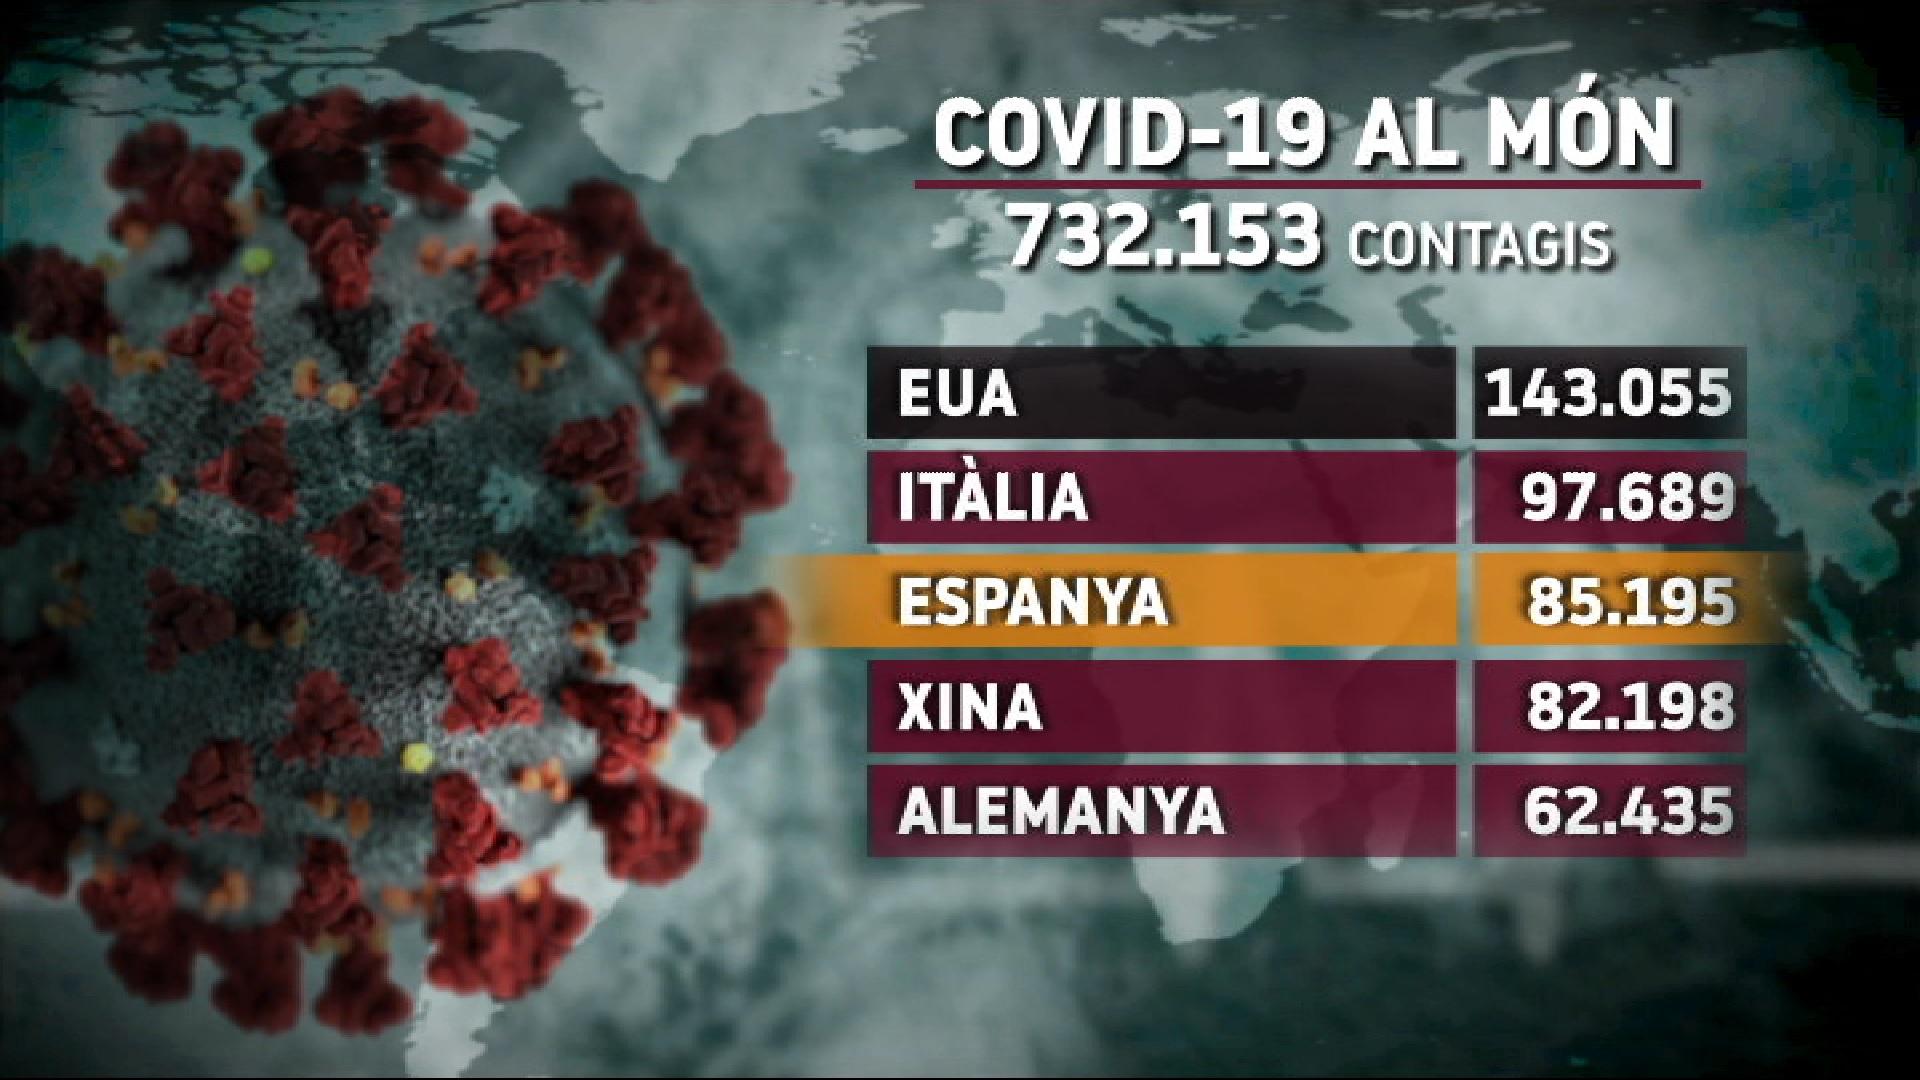 EUA+lidera+el+nombre+de+contagiats%3B+Europa+continua+sent-ne+l%27epicentre+de+la+pand%C3%A8mia